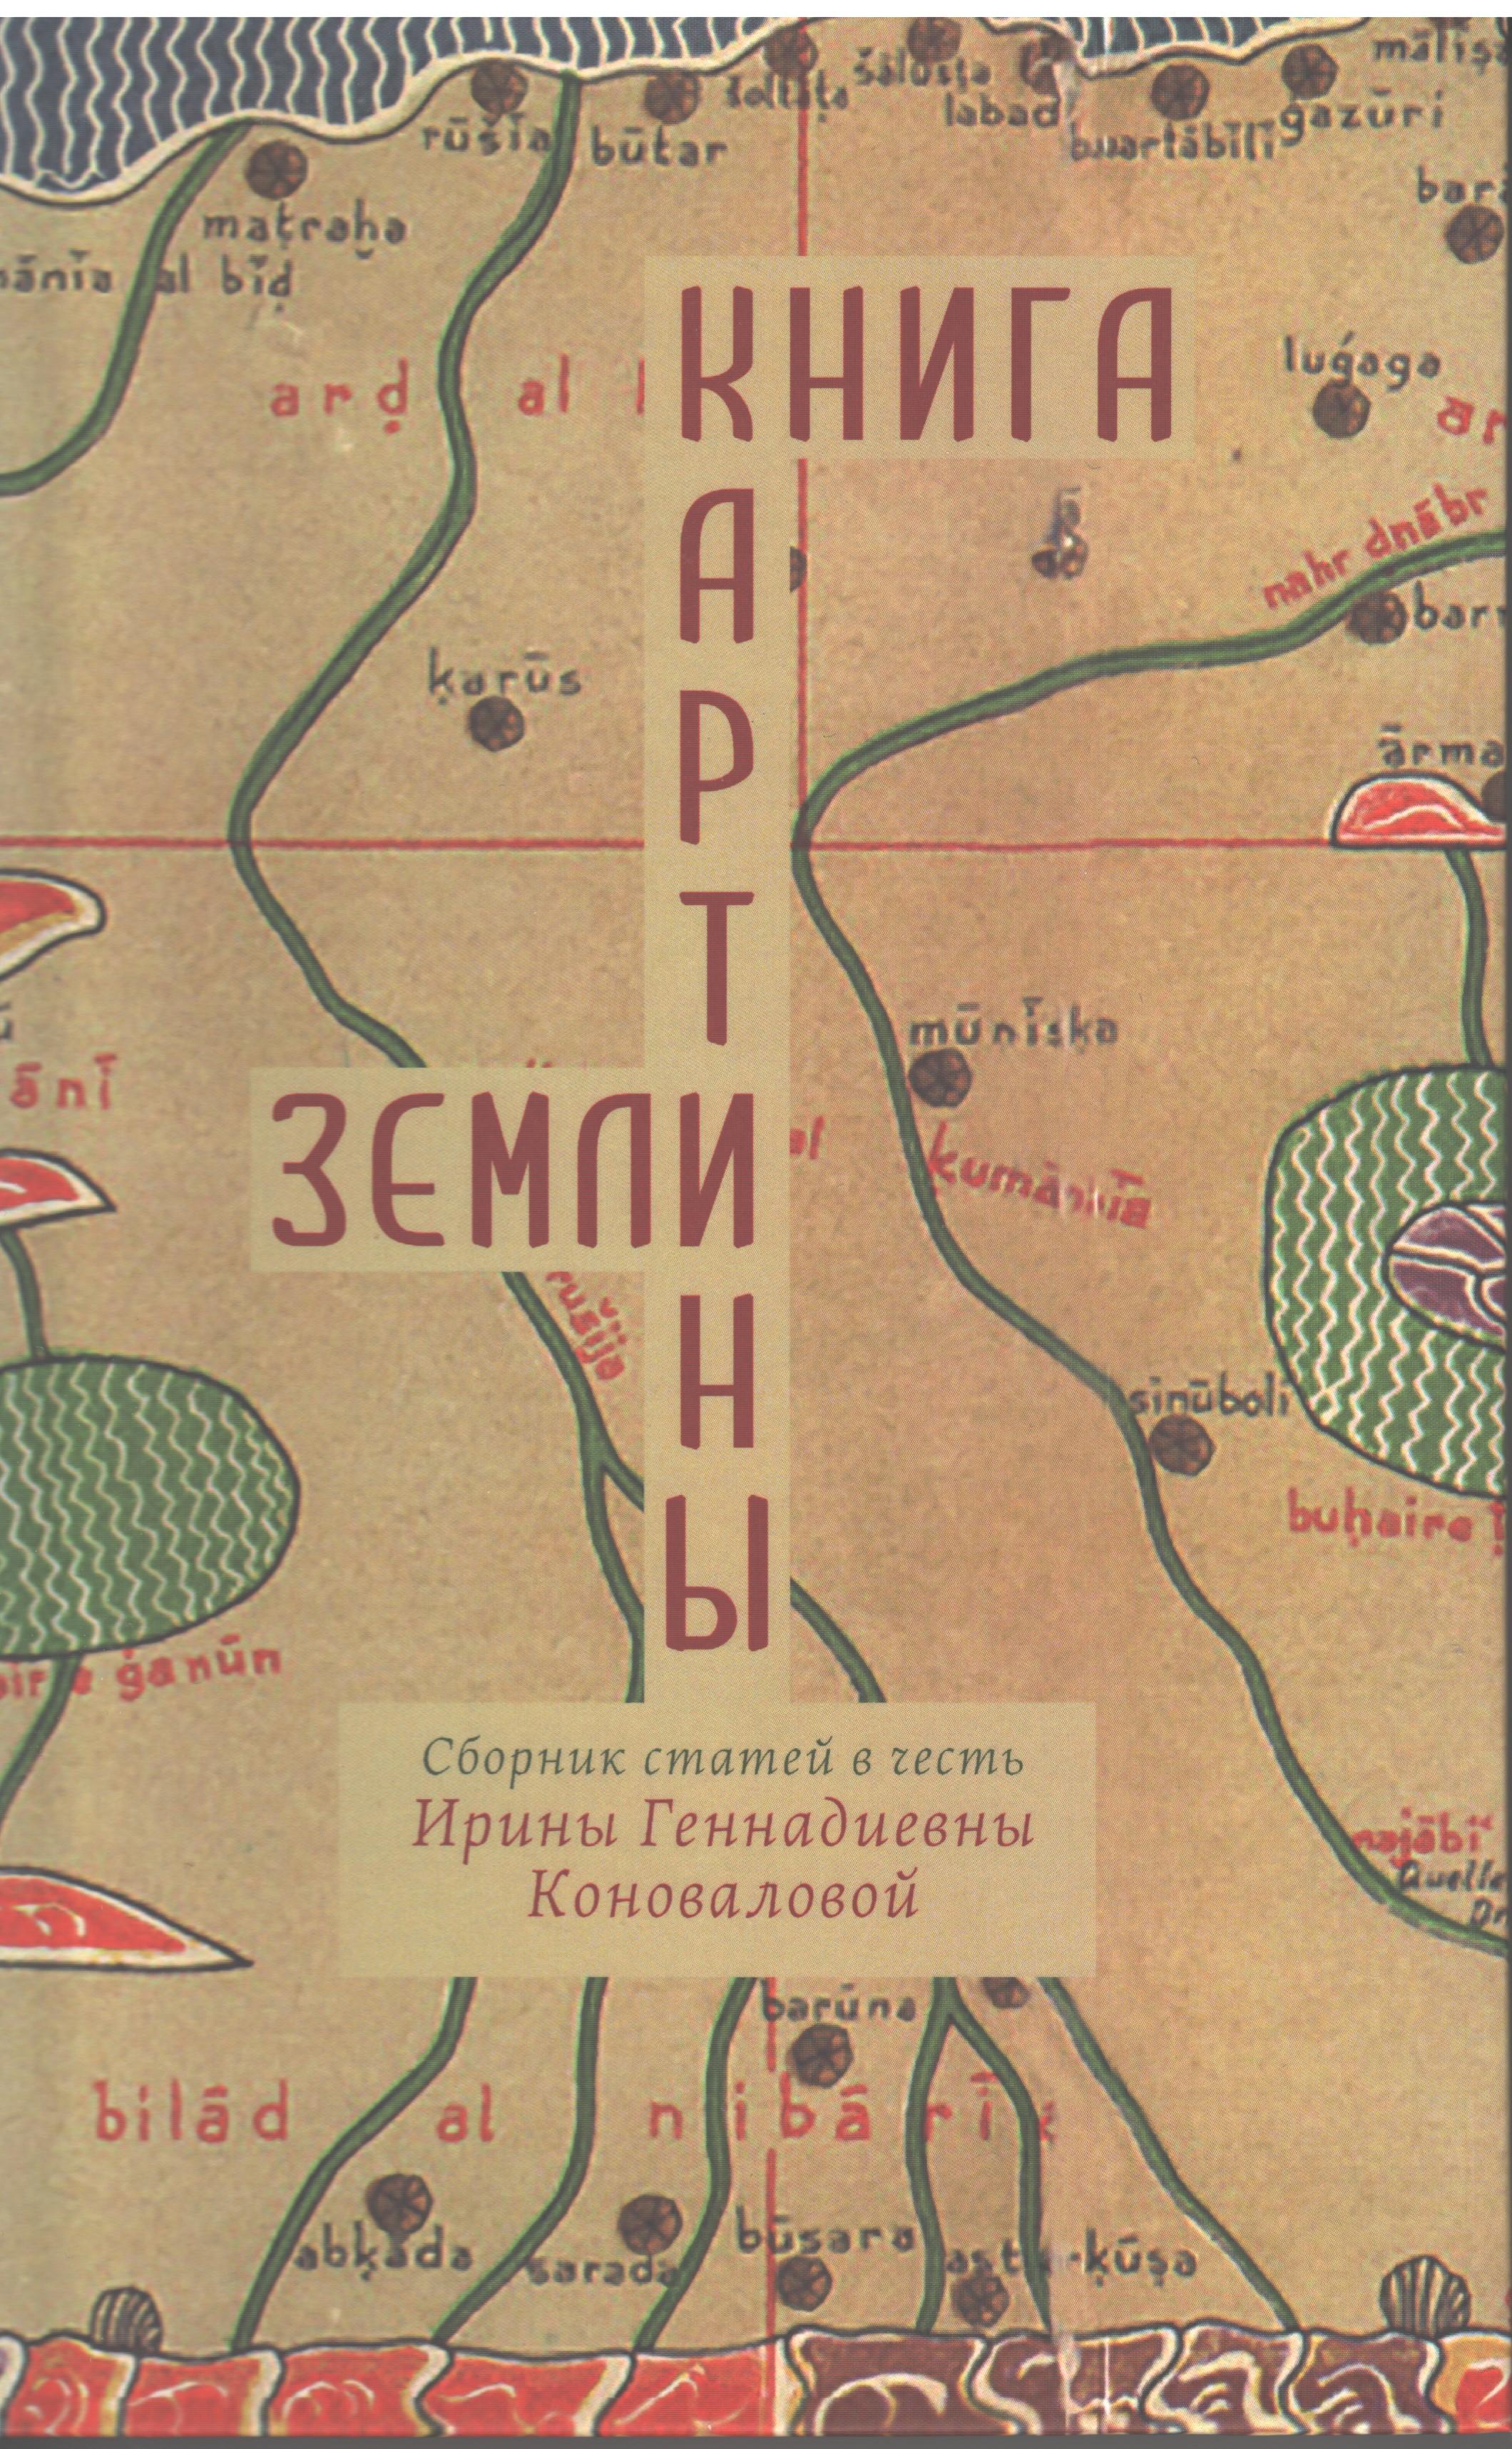 """Восточнославянские """"племенные союзы"""": реальность или летописная легенда?"""